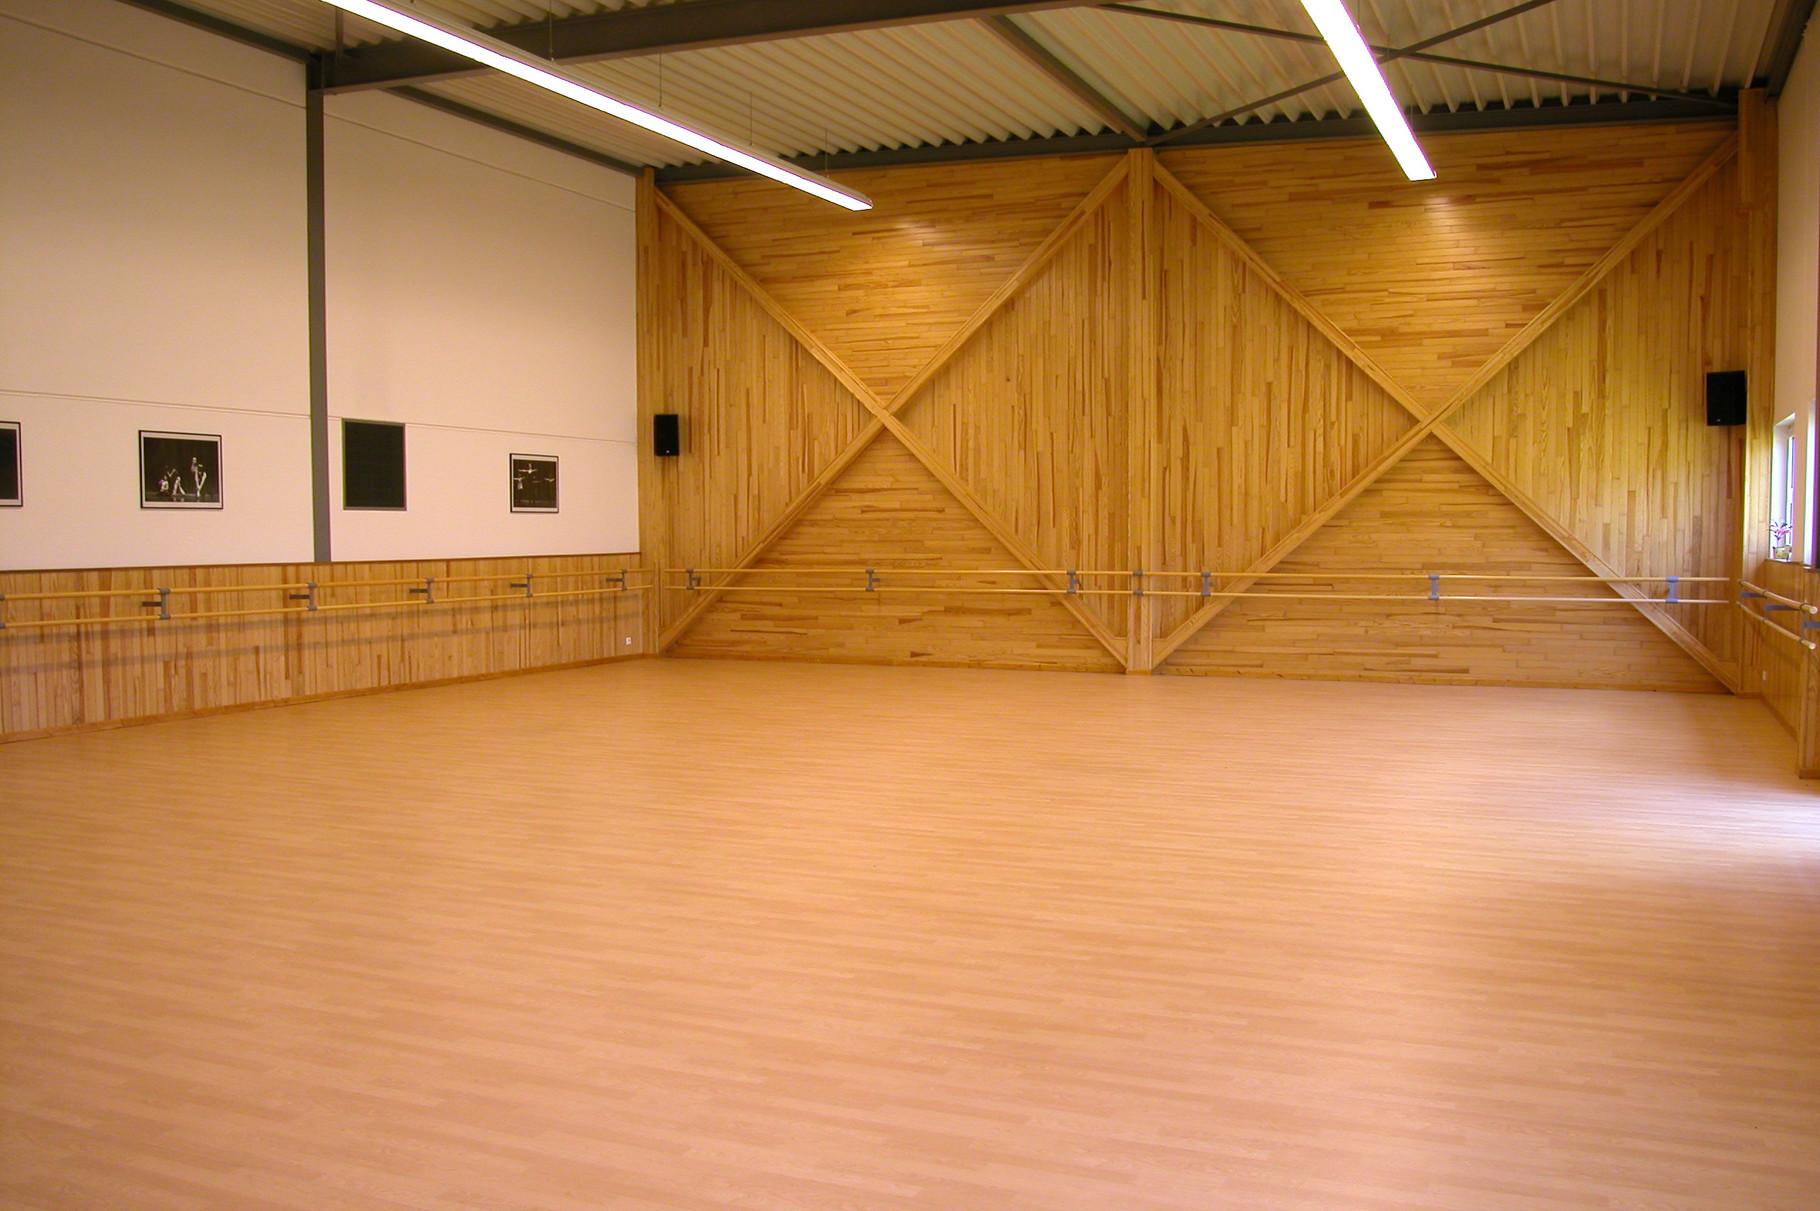 Salle 1